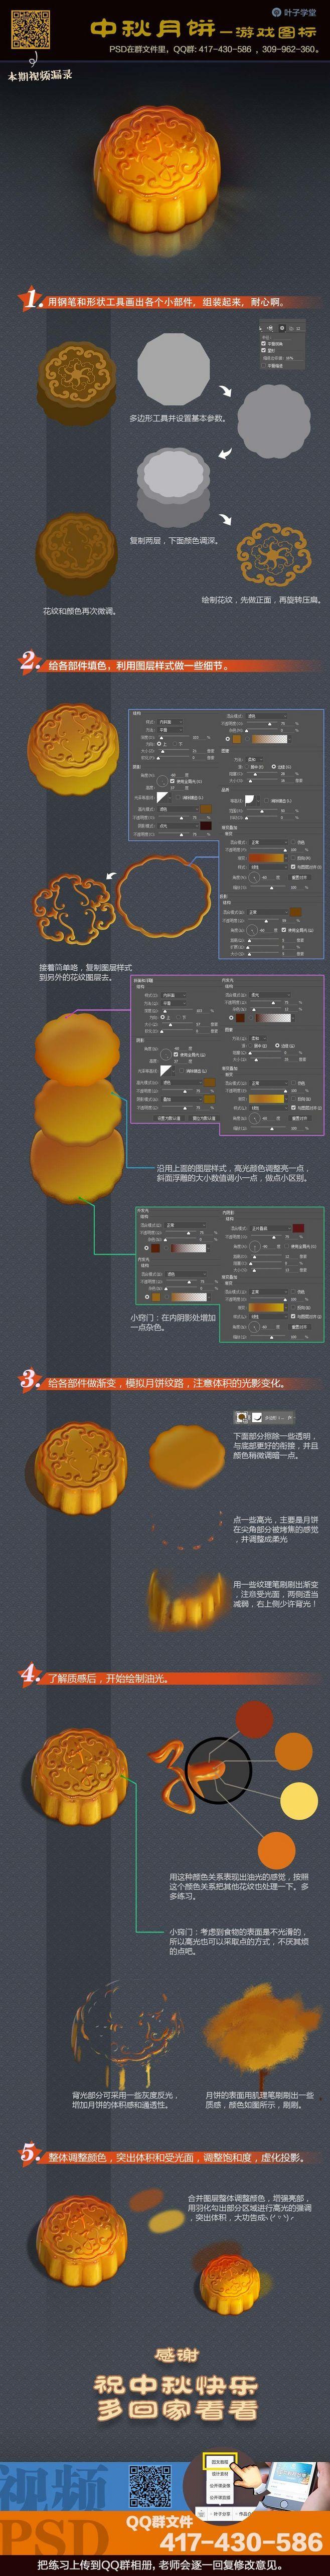 【叶子学堂游戏UI设计】中秋月饼